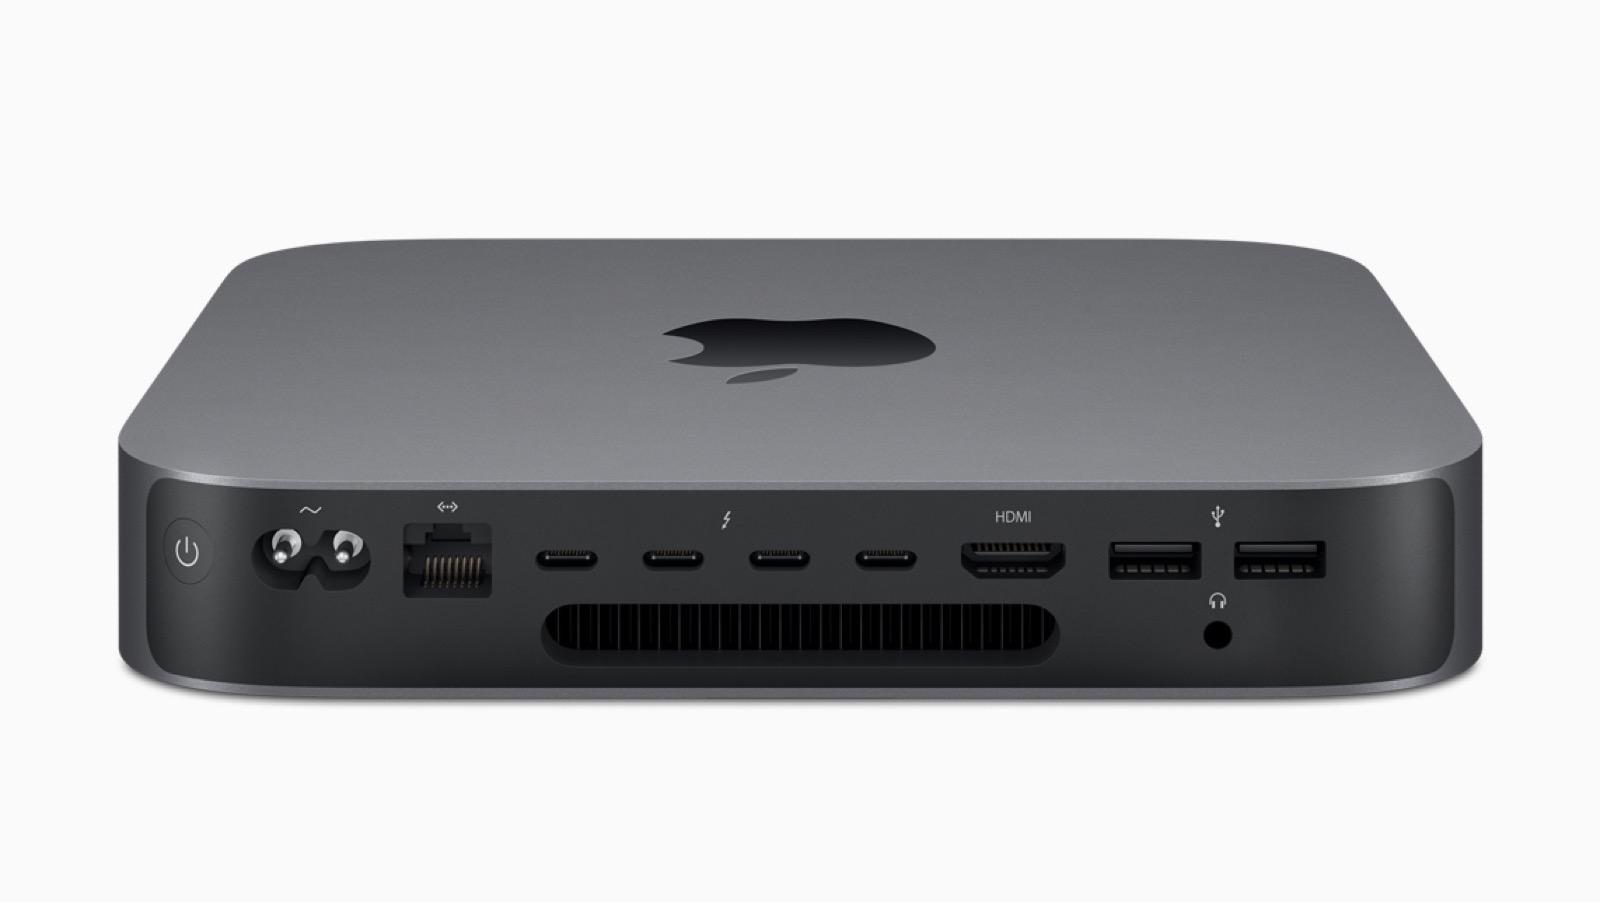 Come funziona la rete 10GbE nel nuovo Mac mini 2018